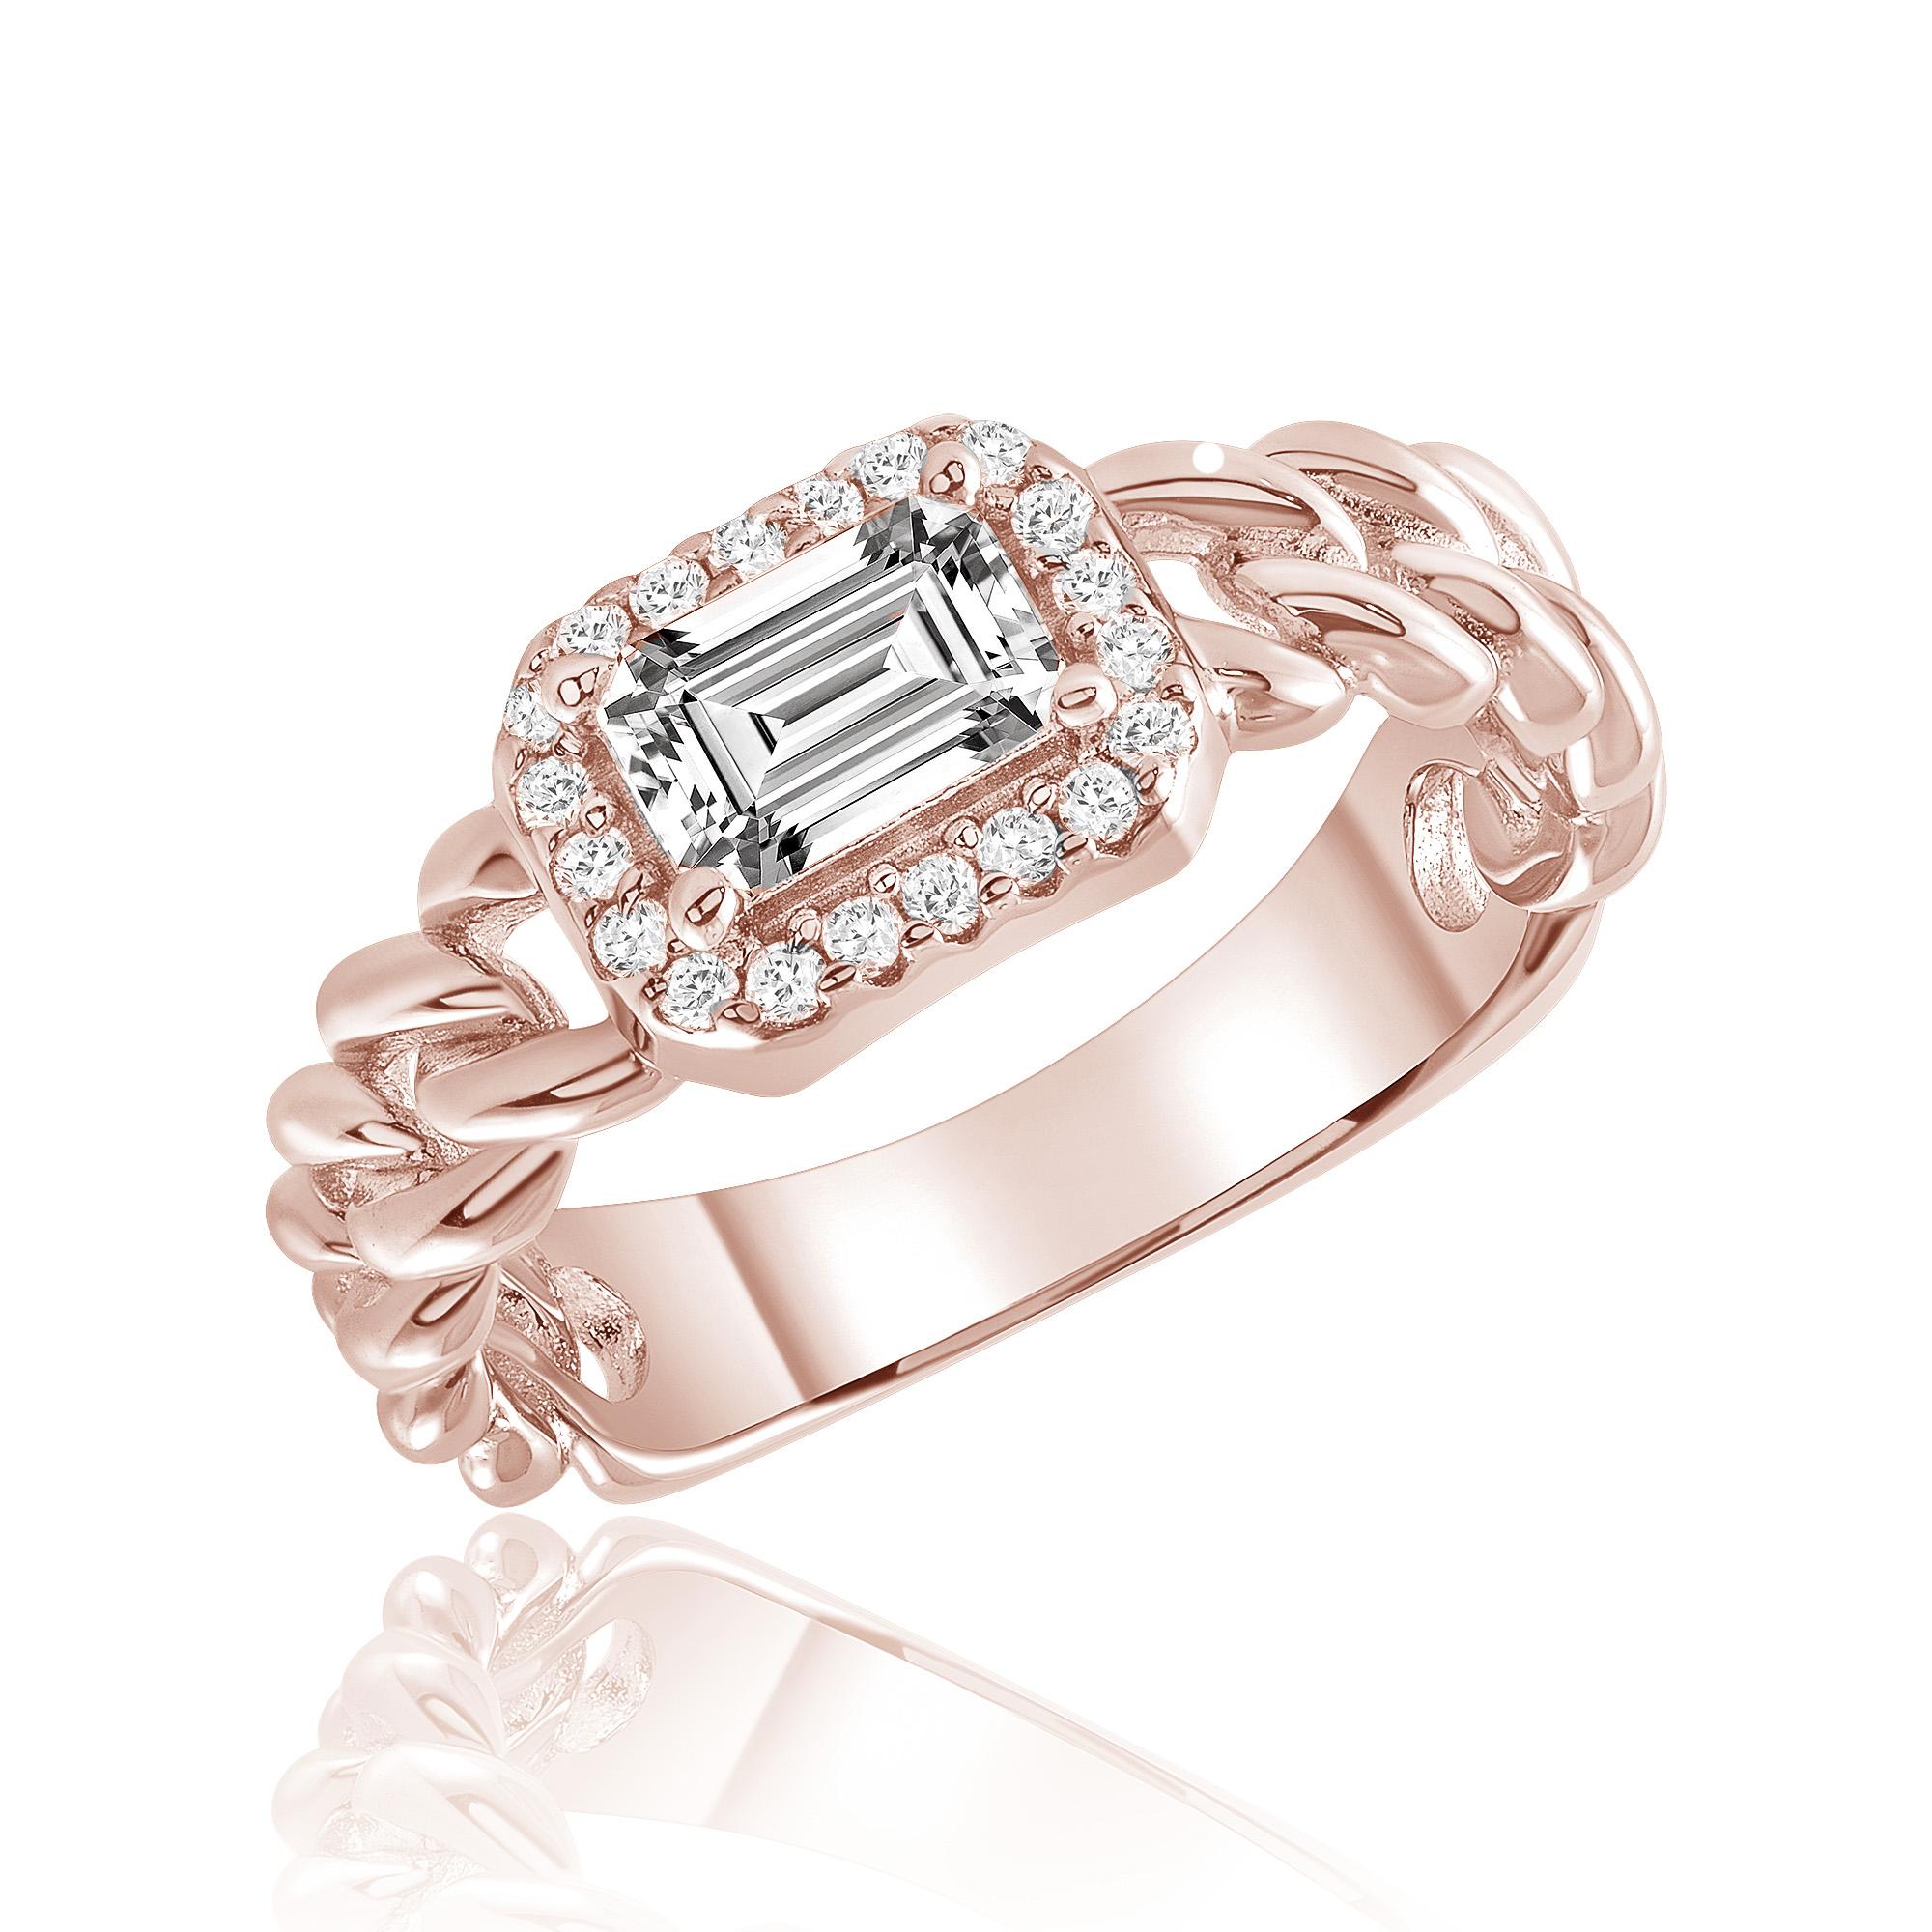 Anillo solitario linea premium, piedra baguette, eslabones, rosado